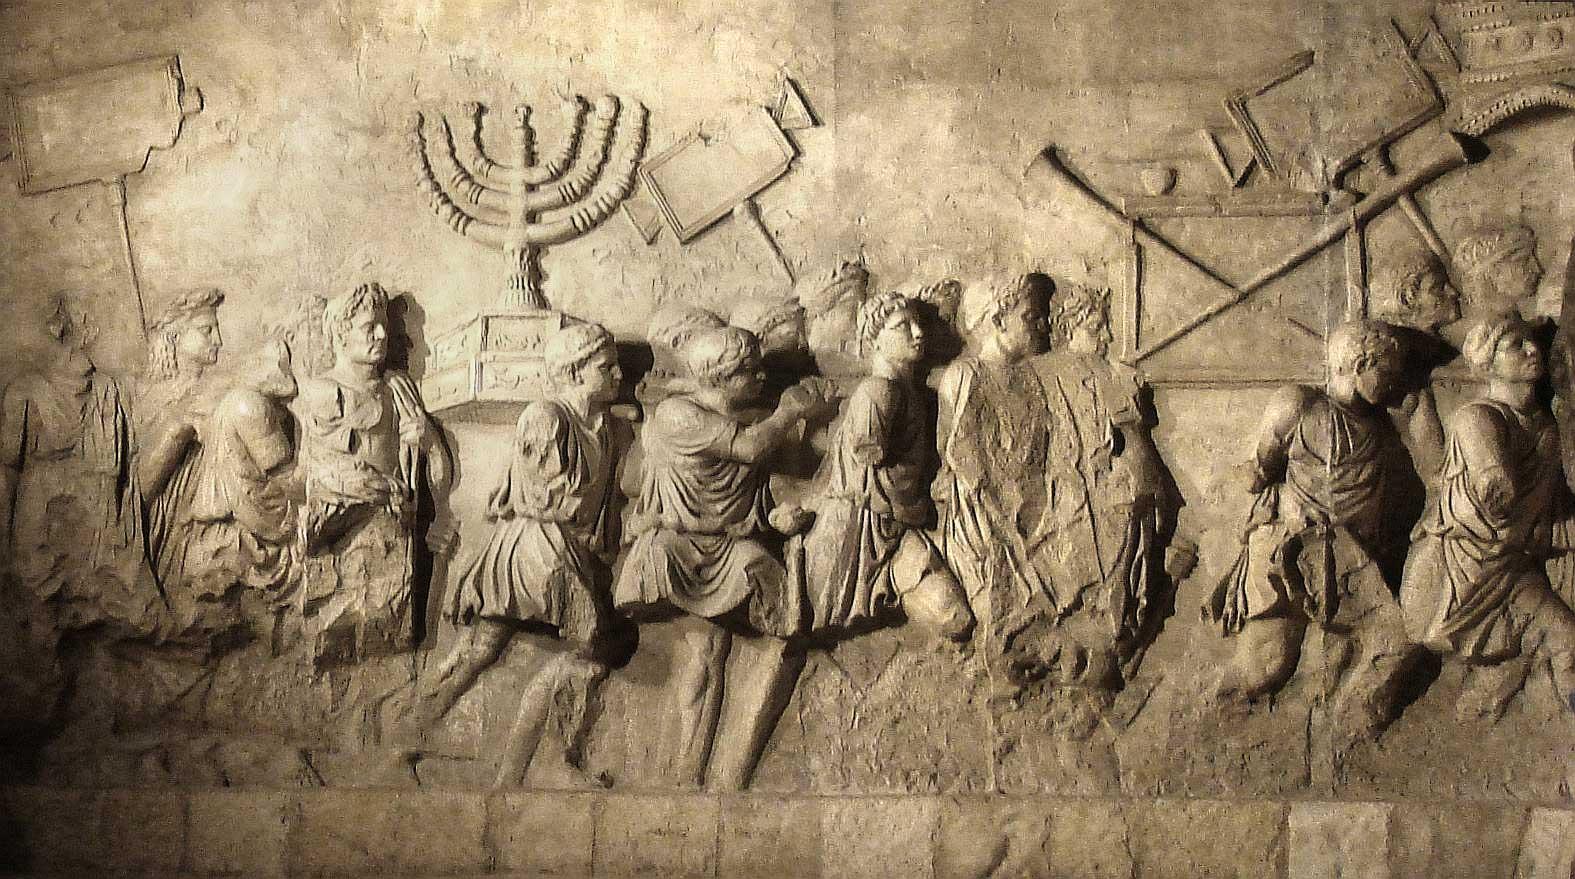 Foto på Titusbågen i Rom med avbildning av romare som bär byte från judarnas tempel.